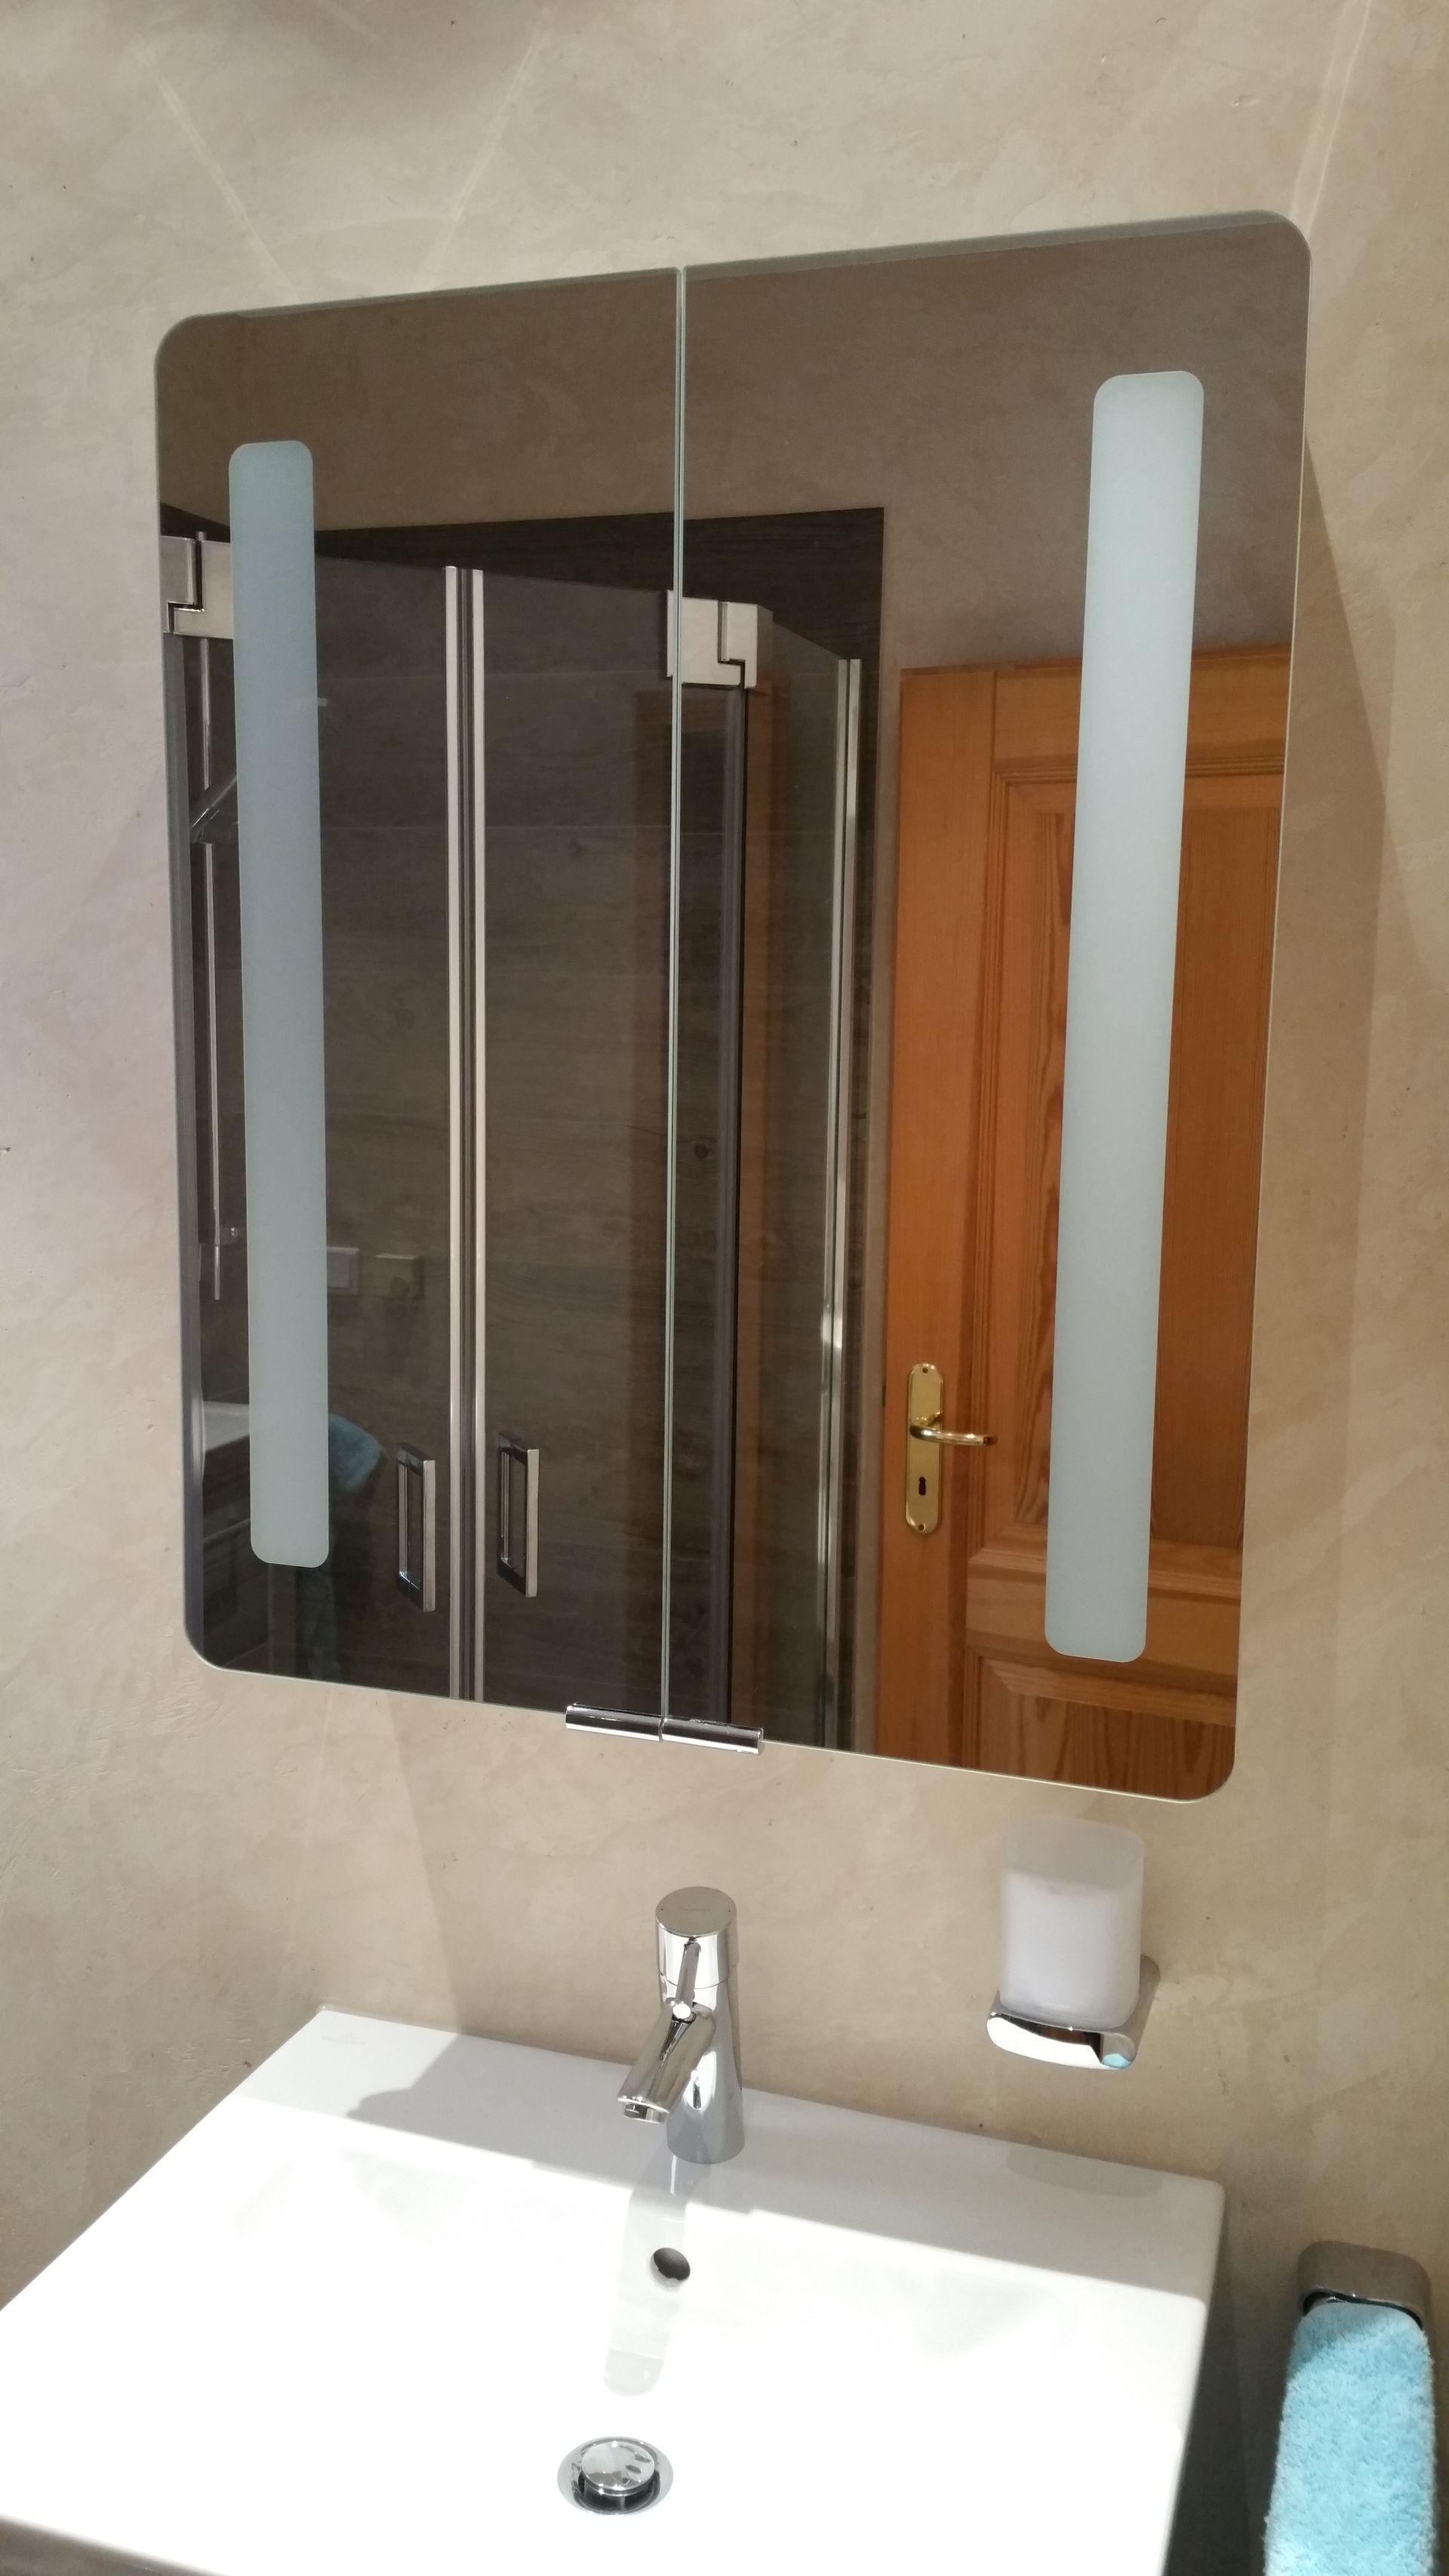 badezimmer bauen kleine badezimmer renovieren und praktisch with badezimmer bauen elegant haus. Black Bedroom Furniture Sets. Home Design Ideas